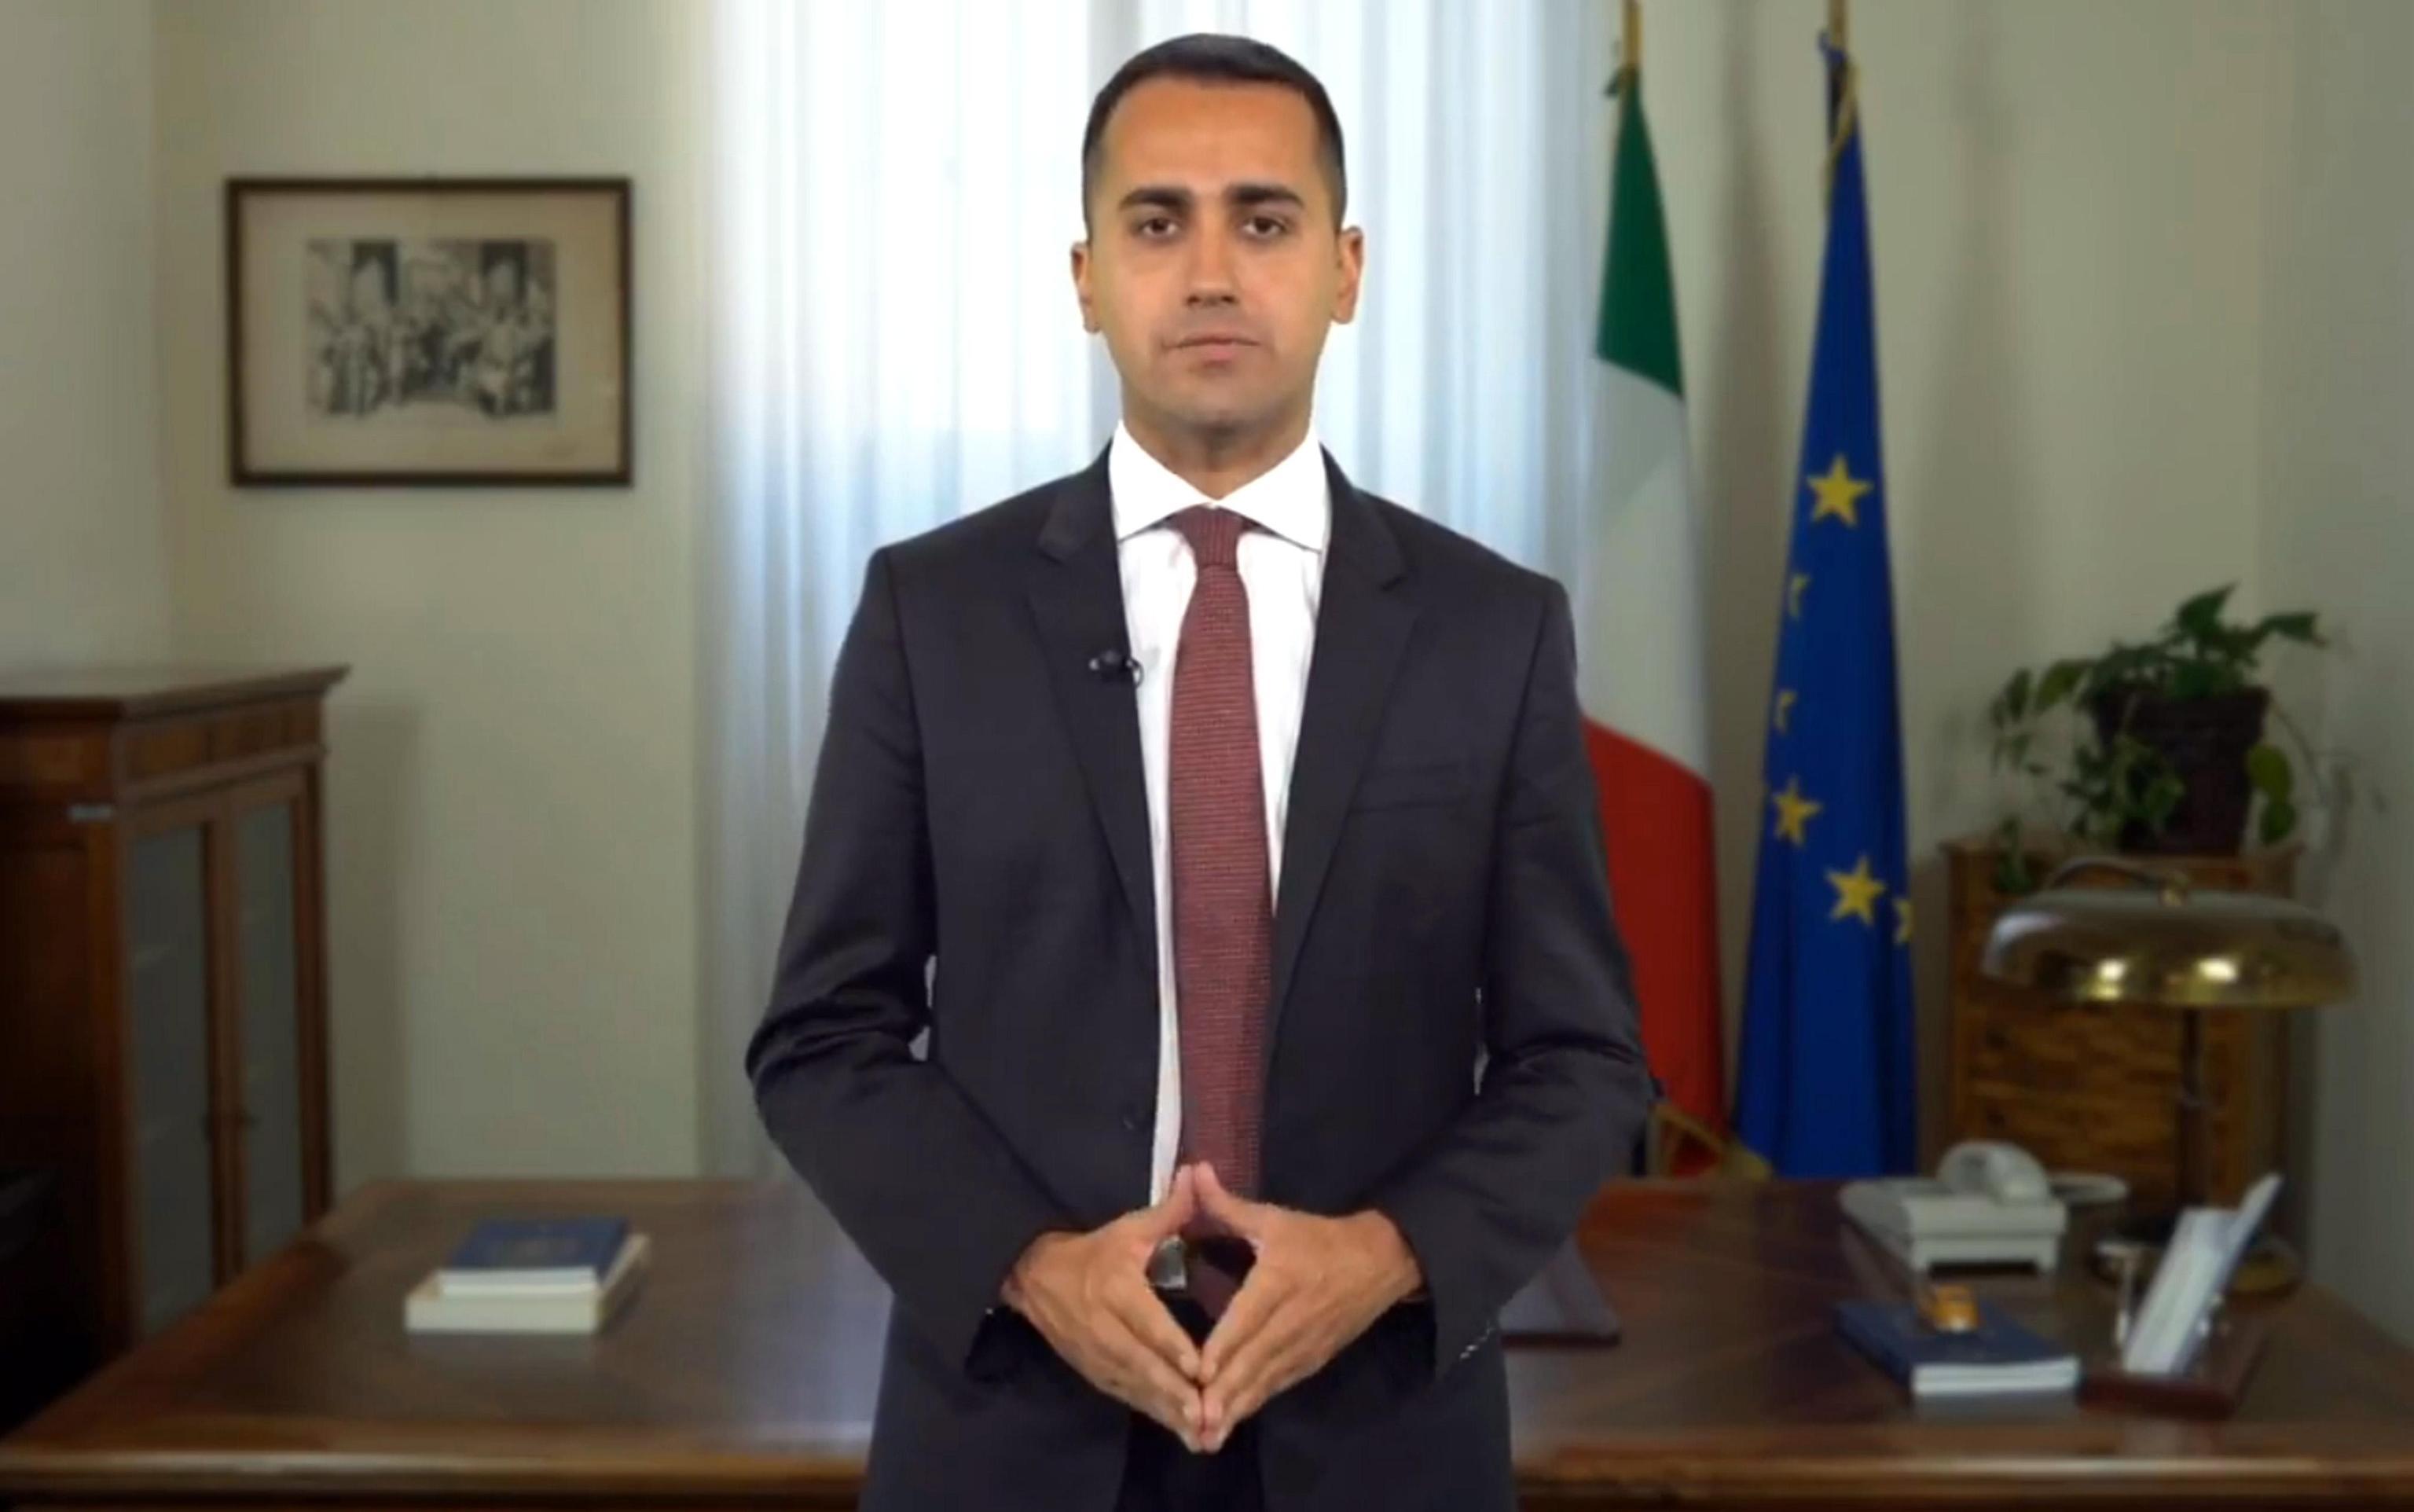 Di Maio convoca il Sindaco di Genova, ma sbaglia persona